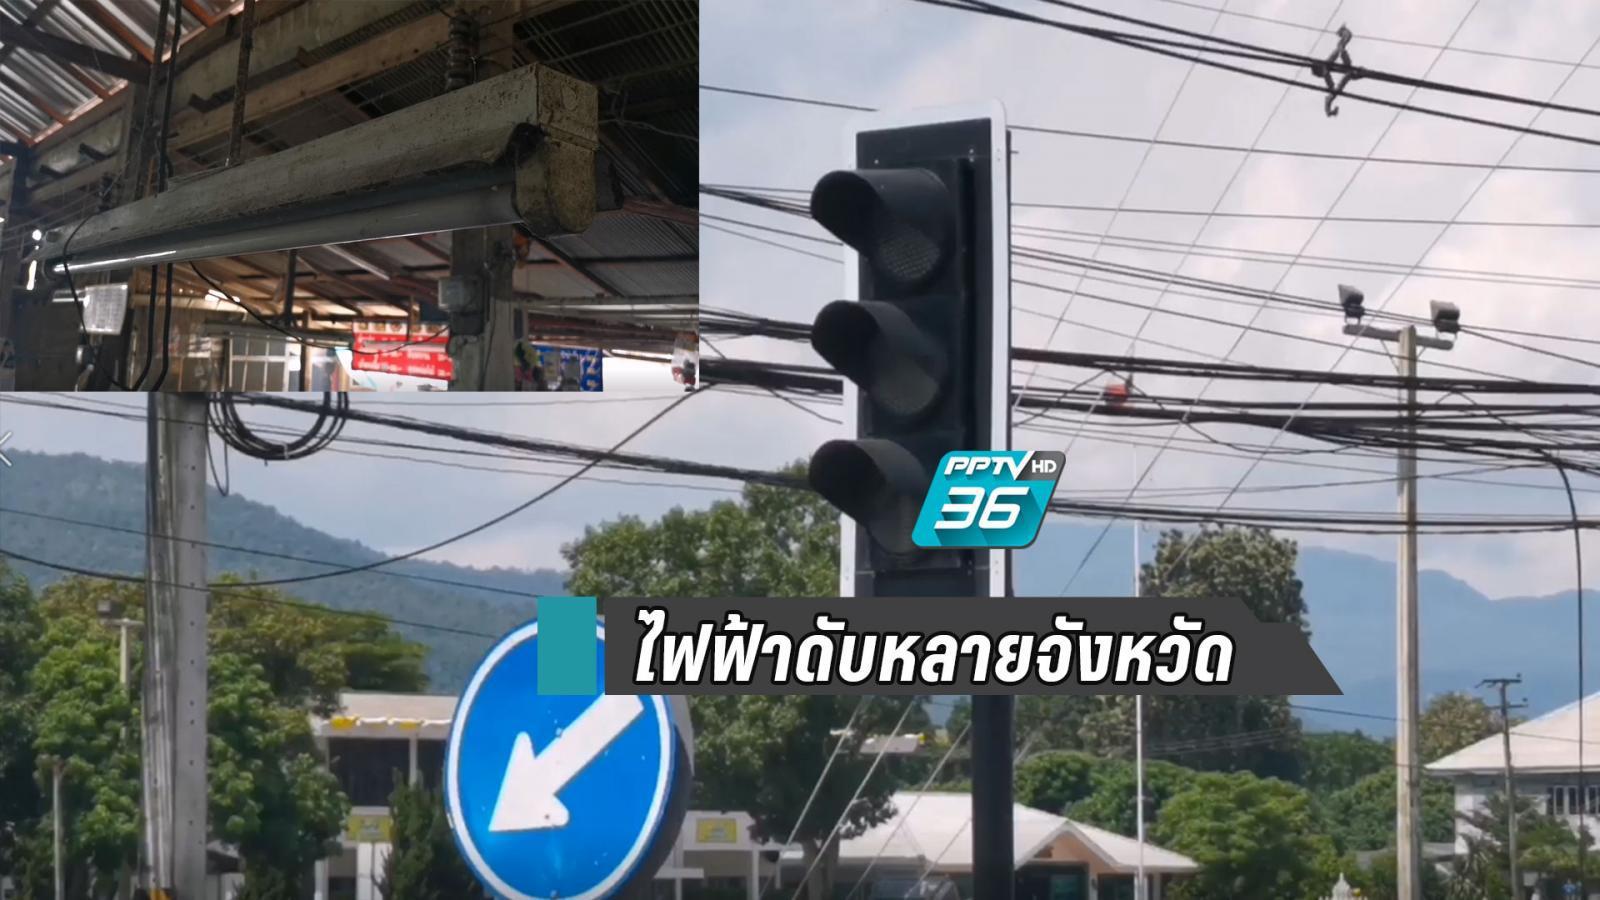 วุ่น! ไฟดับหลายจังหวัดภาคเหนือ เหตุสถานีจ่ายไฟแม่เมาะขัดข้อง